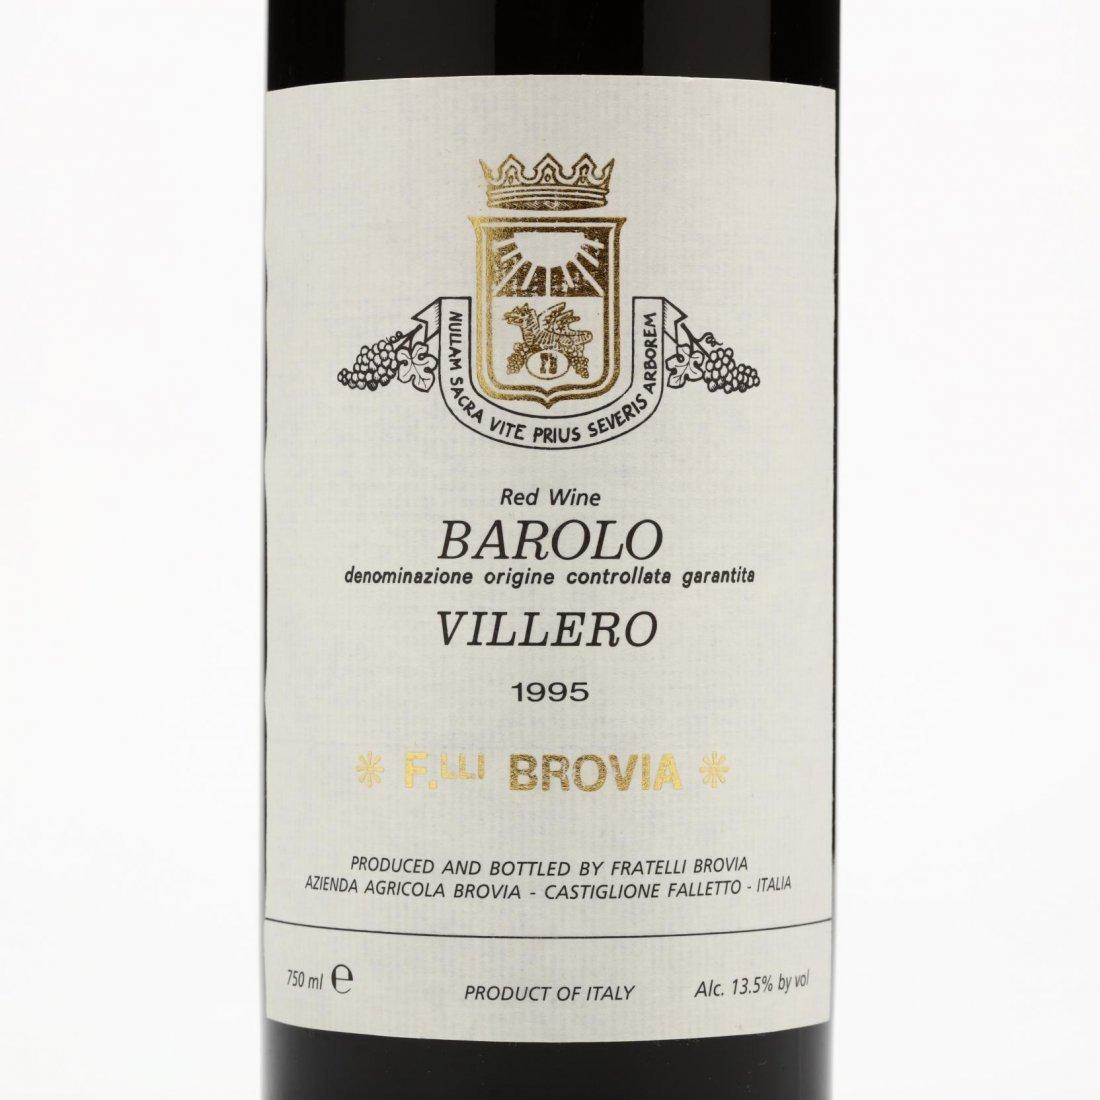 Barolo - Vintage 1995 - 2